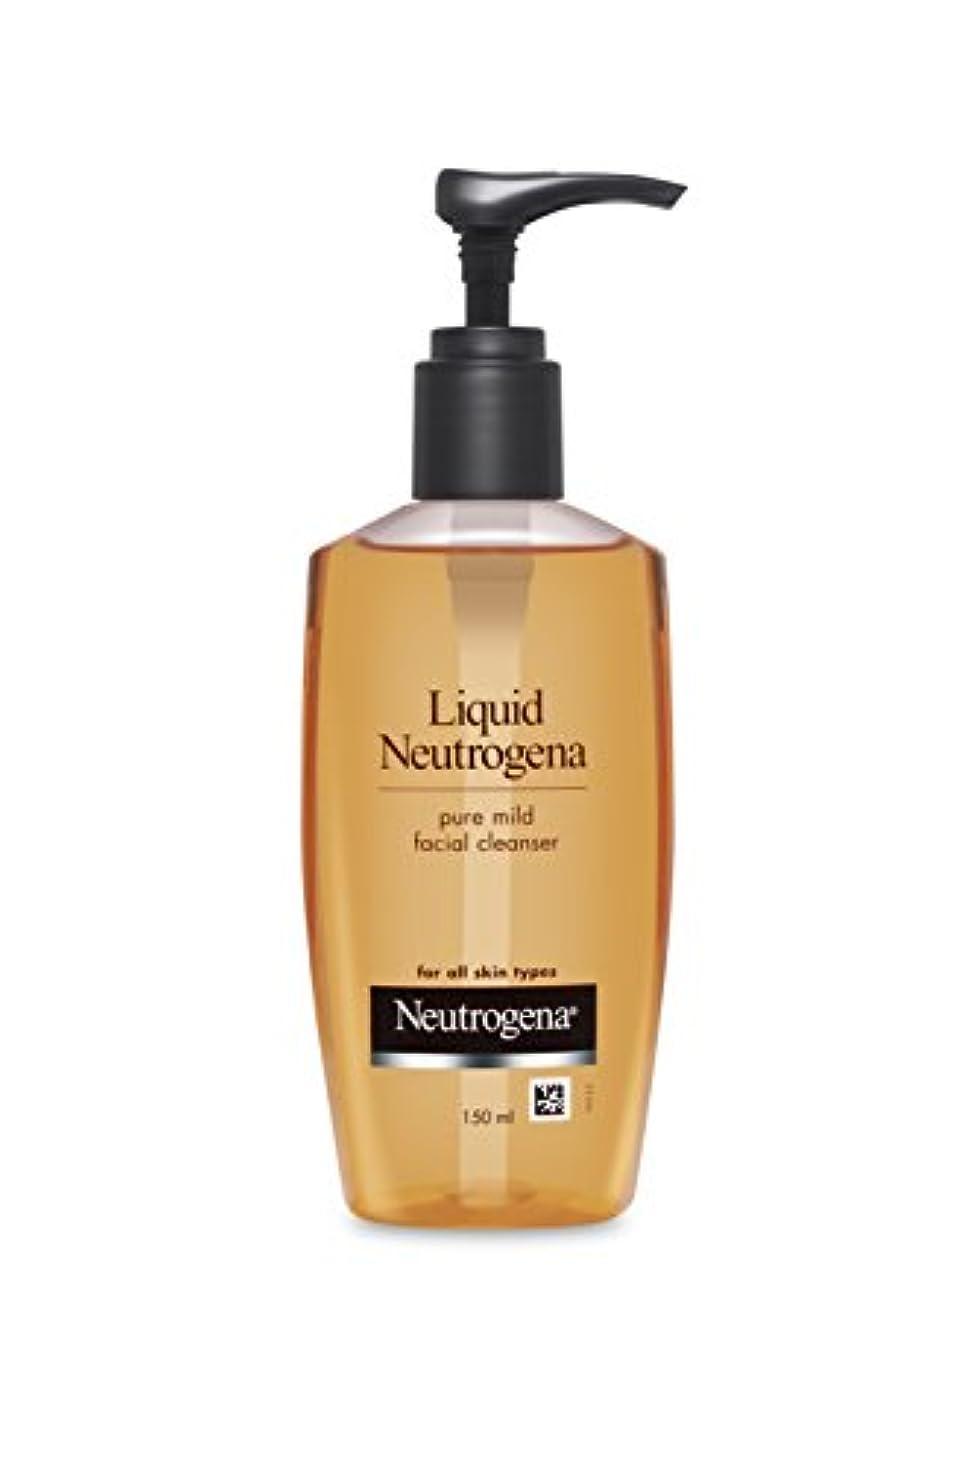 電子レンジ予報インフラLiquid Neutrogena (Mild Facial Cleanser), 150ml